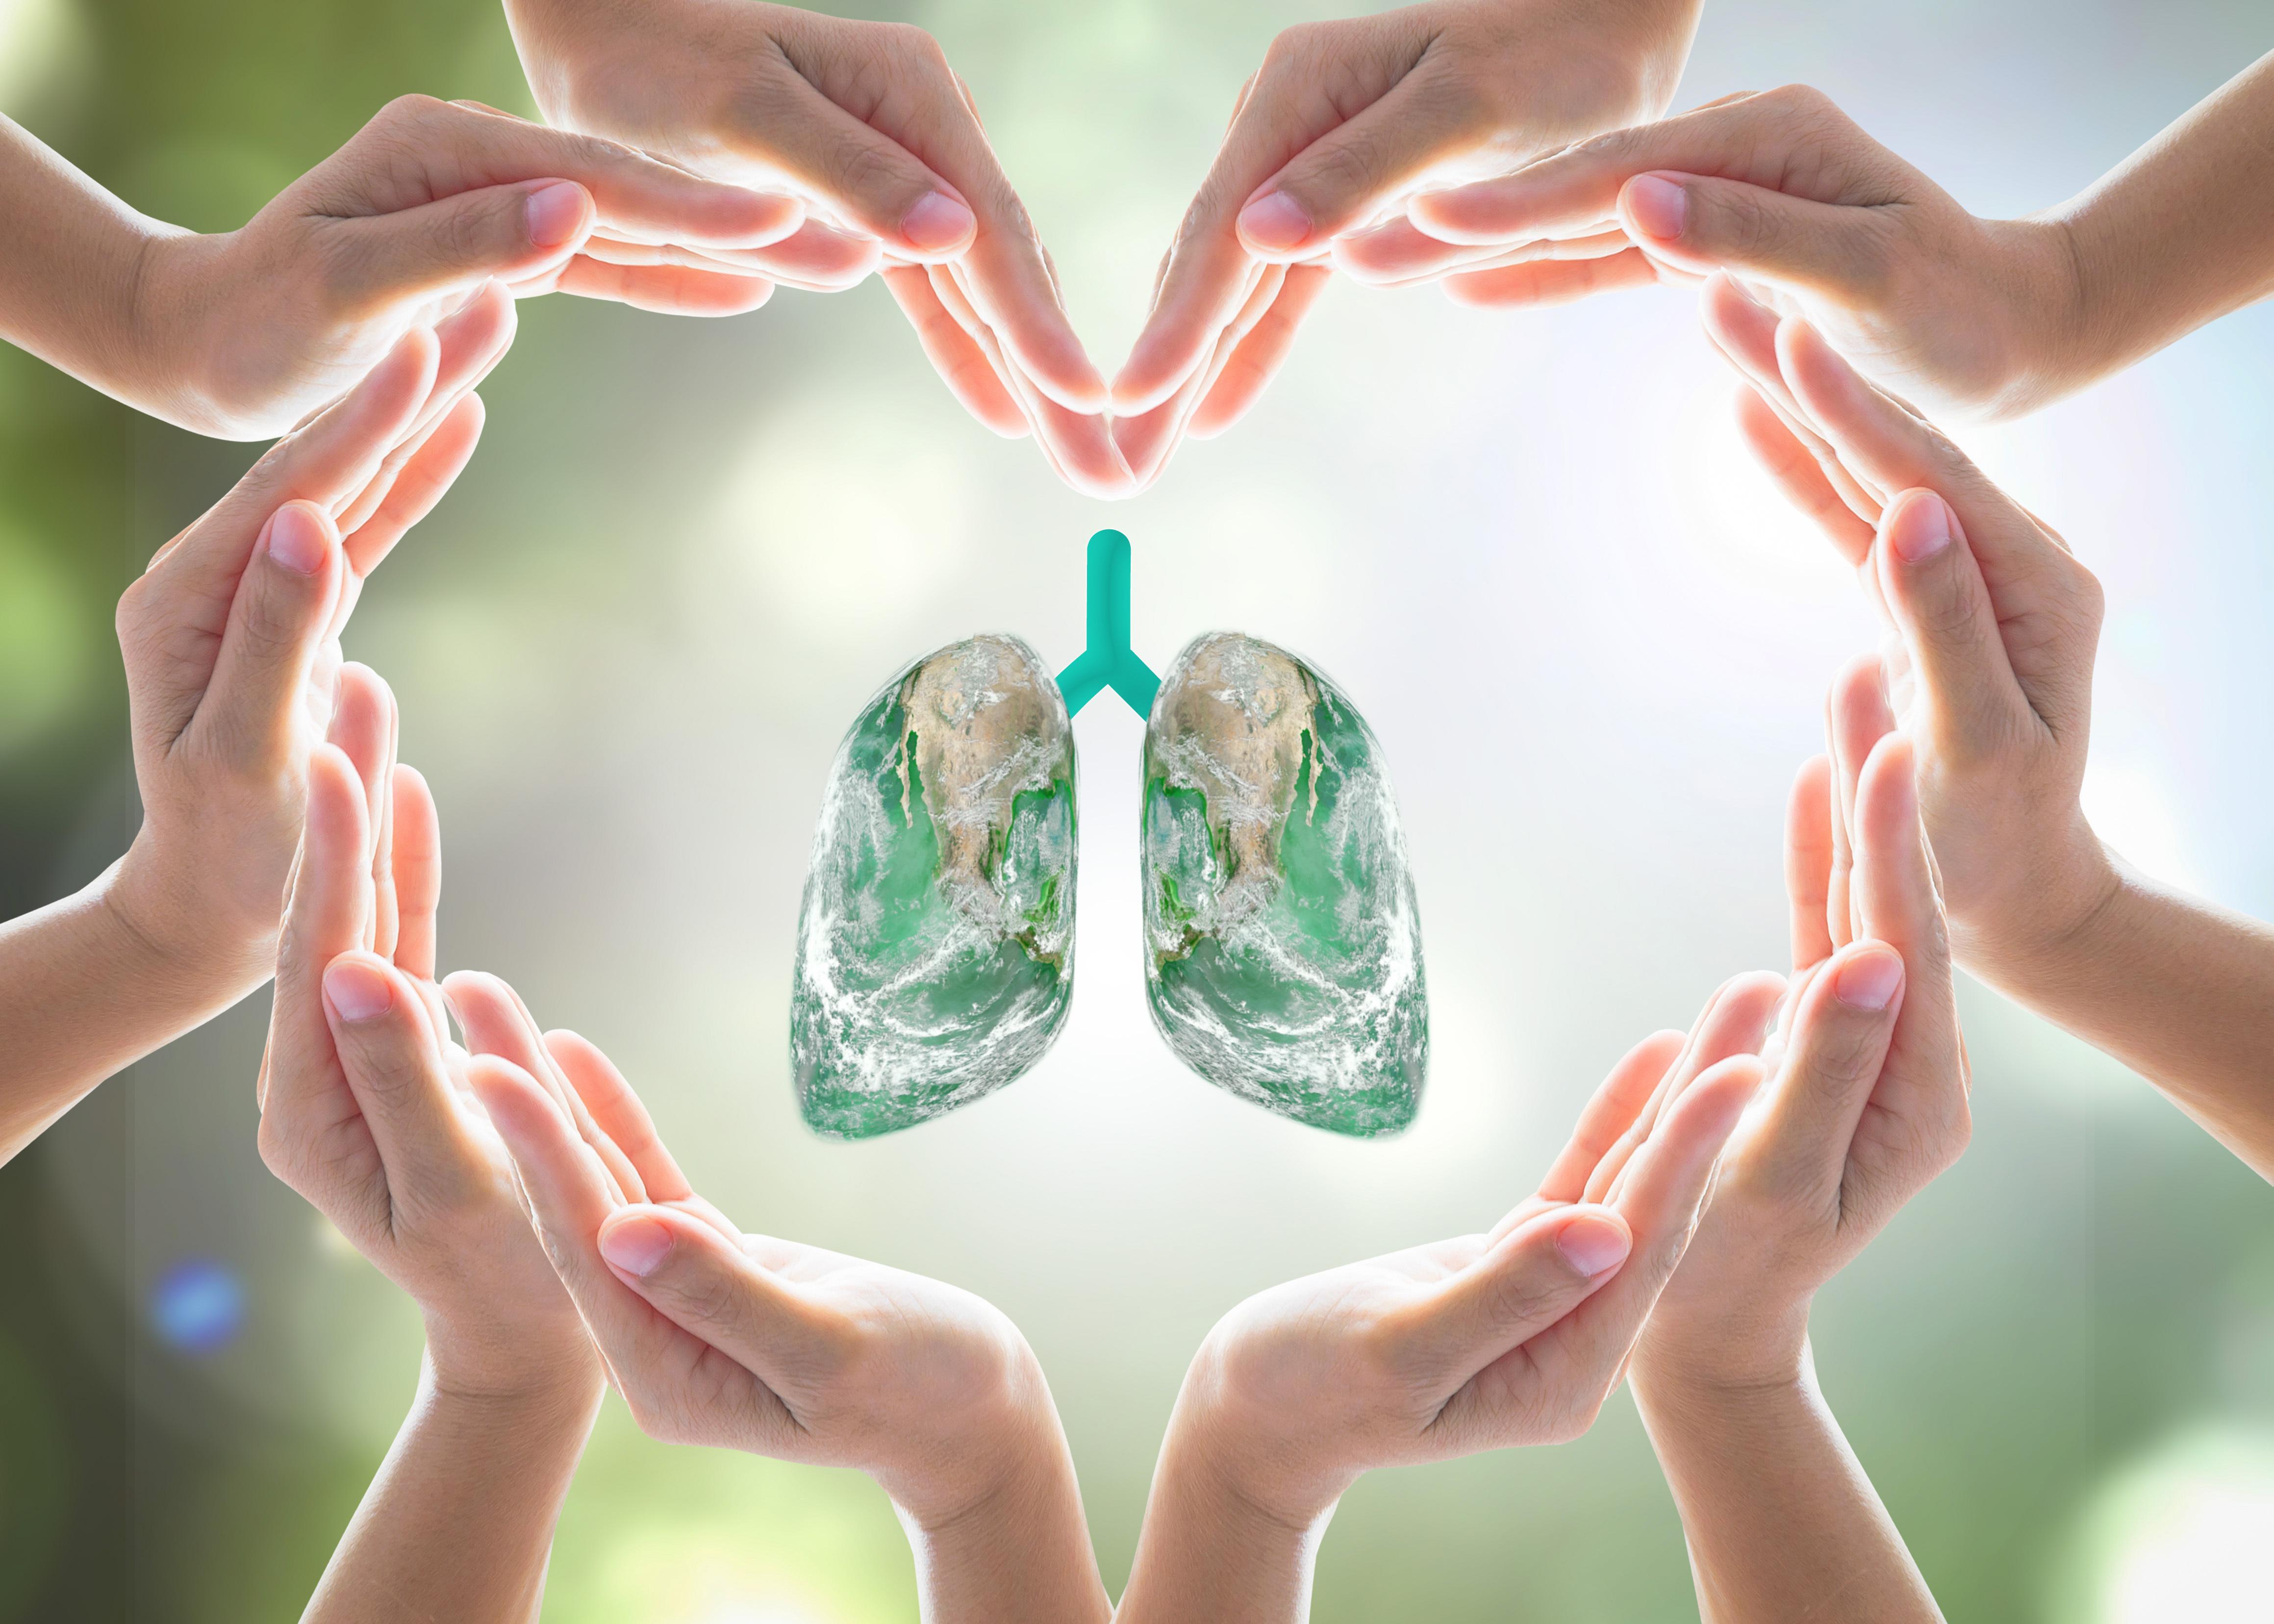 Los pacientes de enfermedades respiratorias os enfrentáis a diario con muchos temores e inquietudes